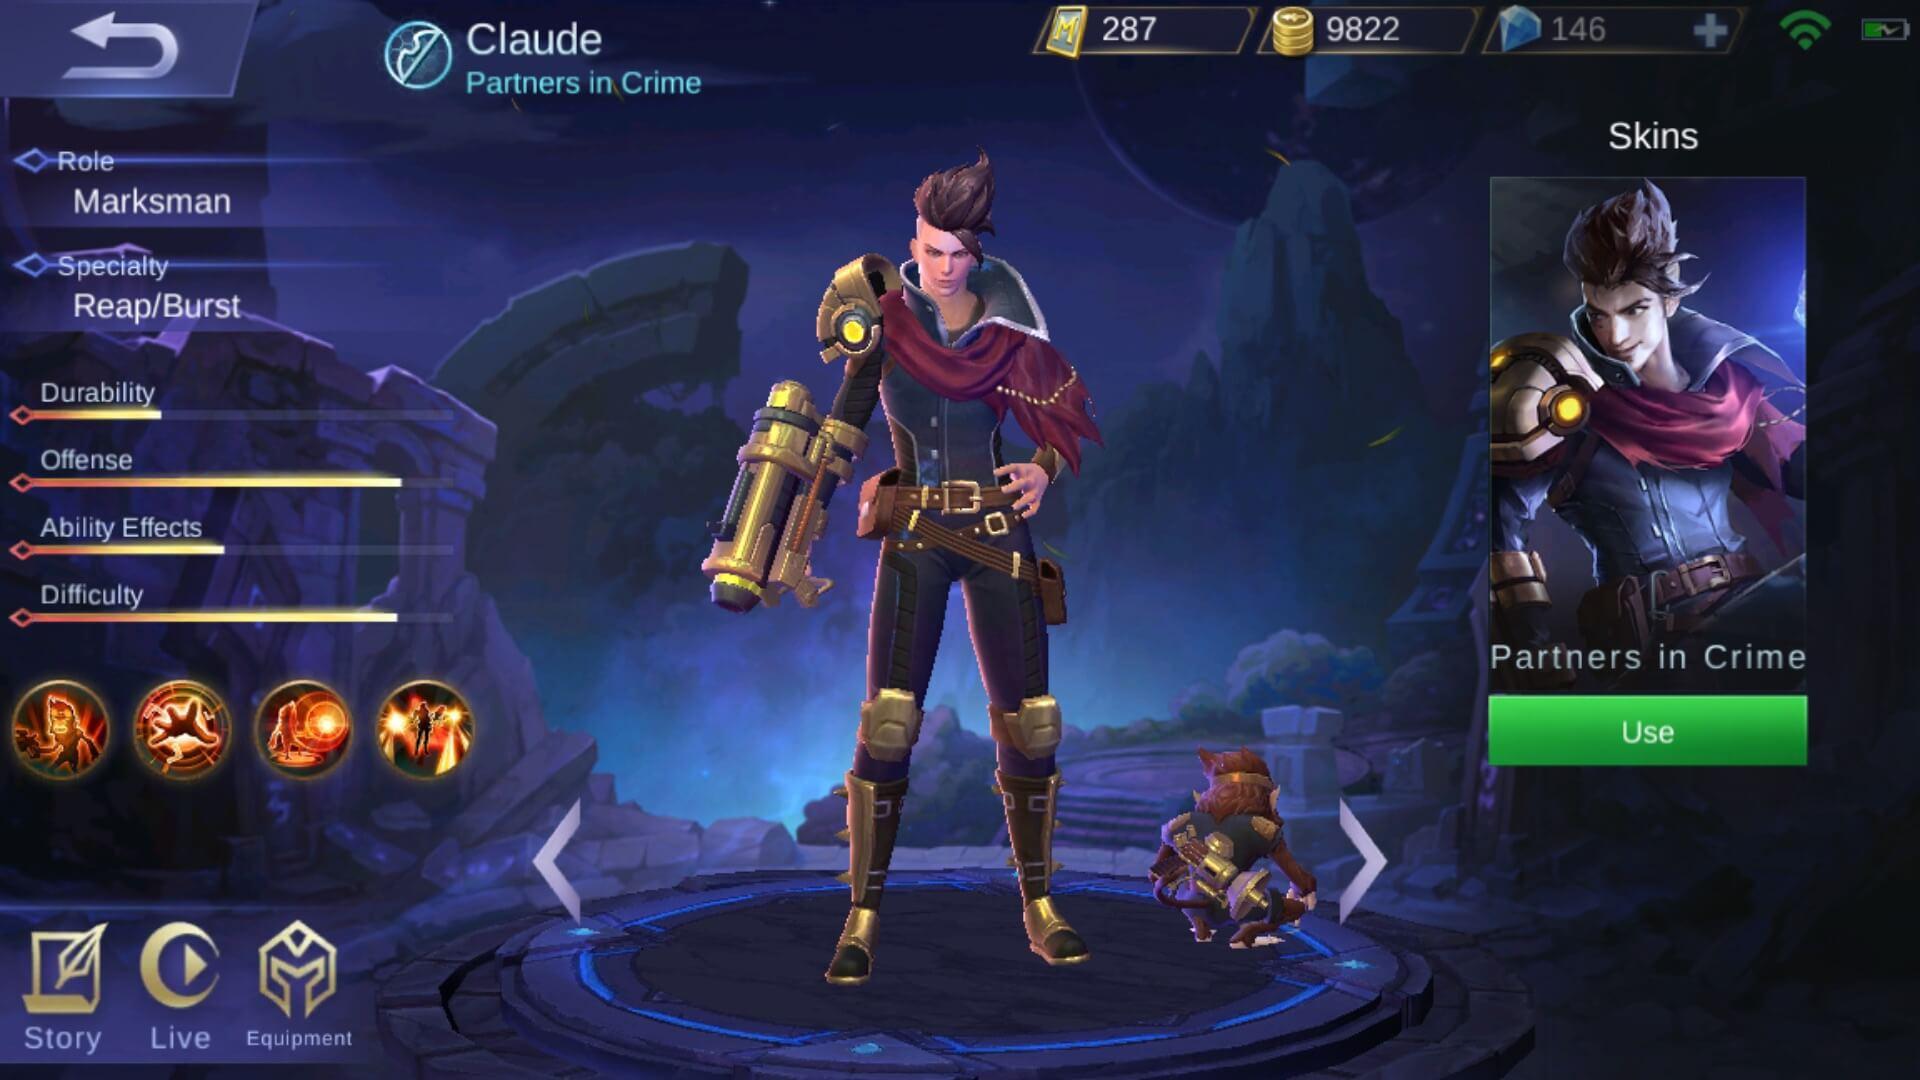 claude mobile legend skills